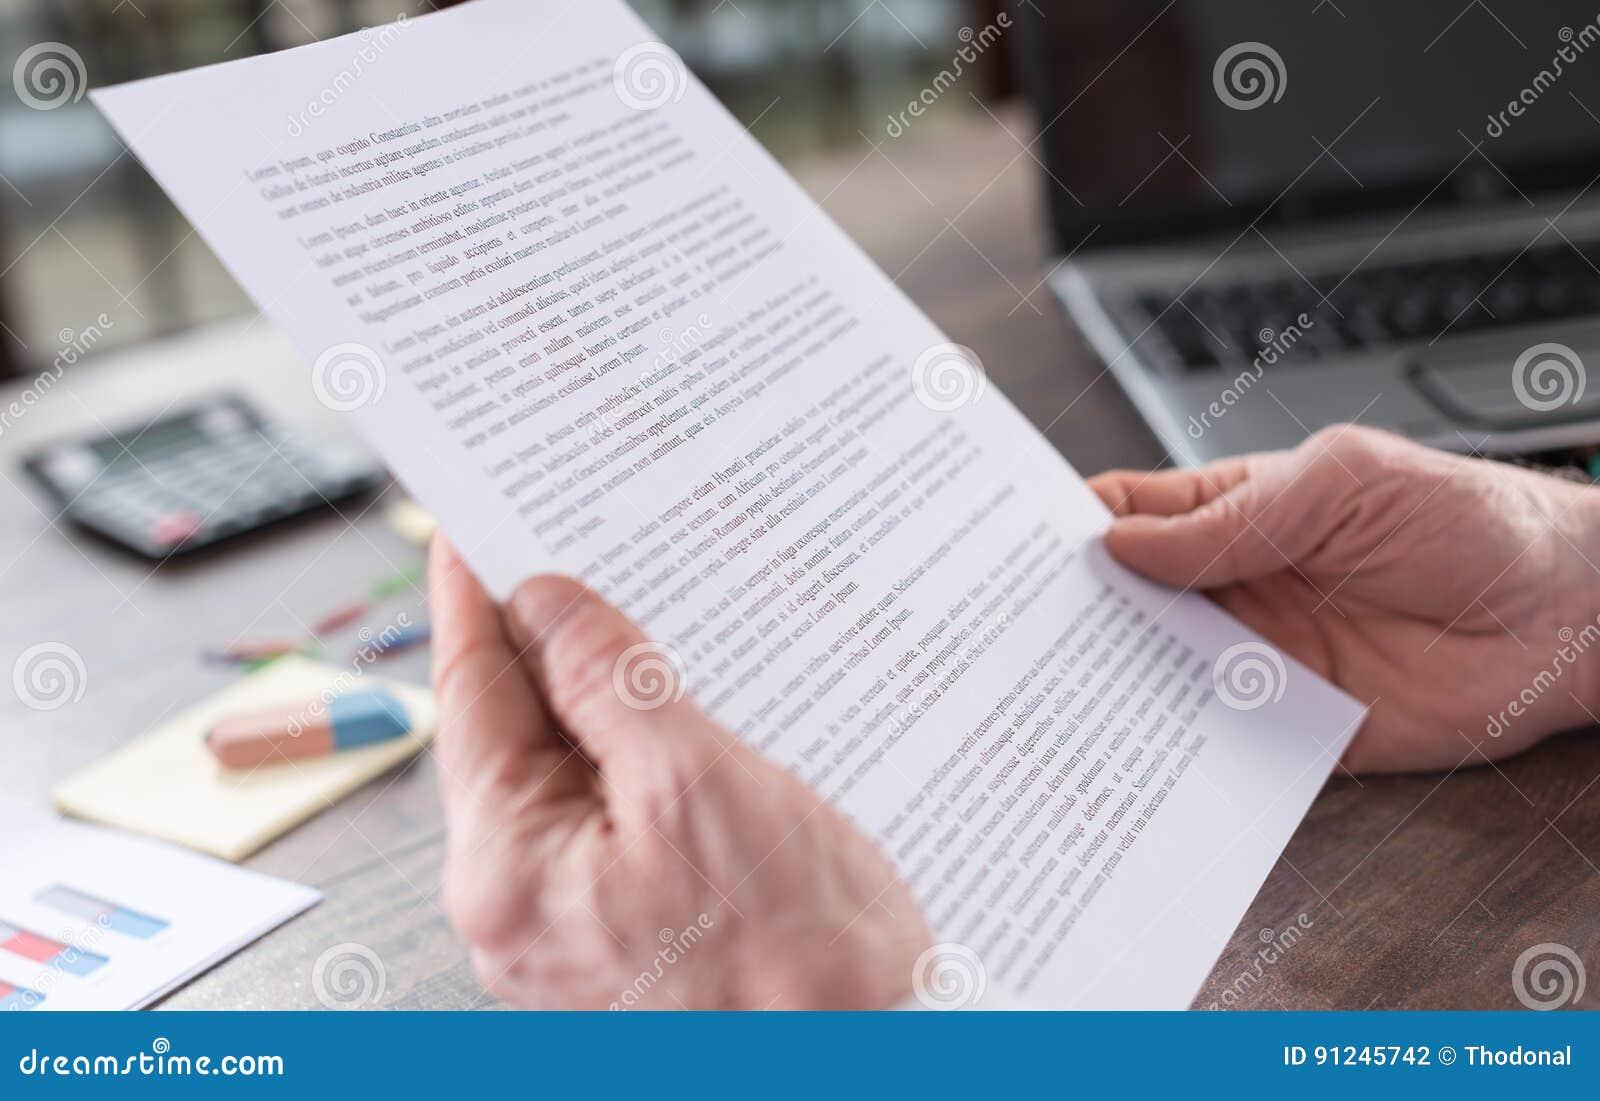 Vérification d un document